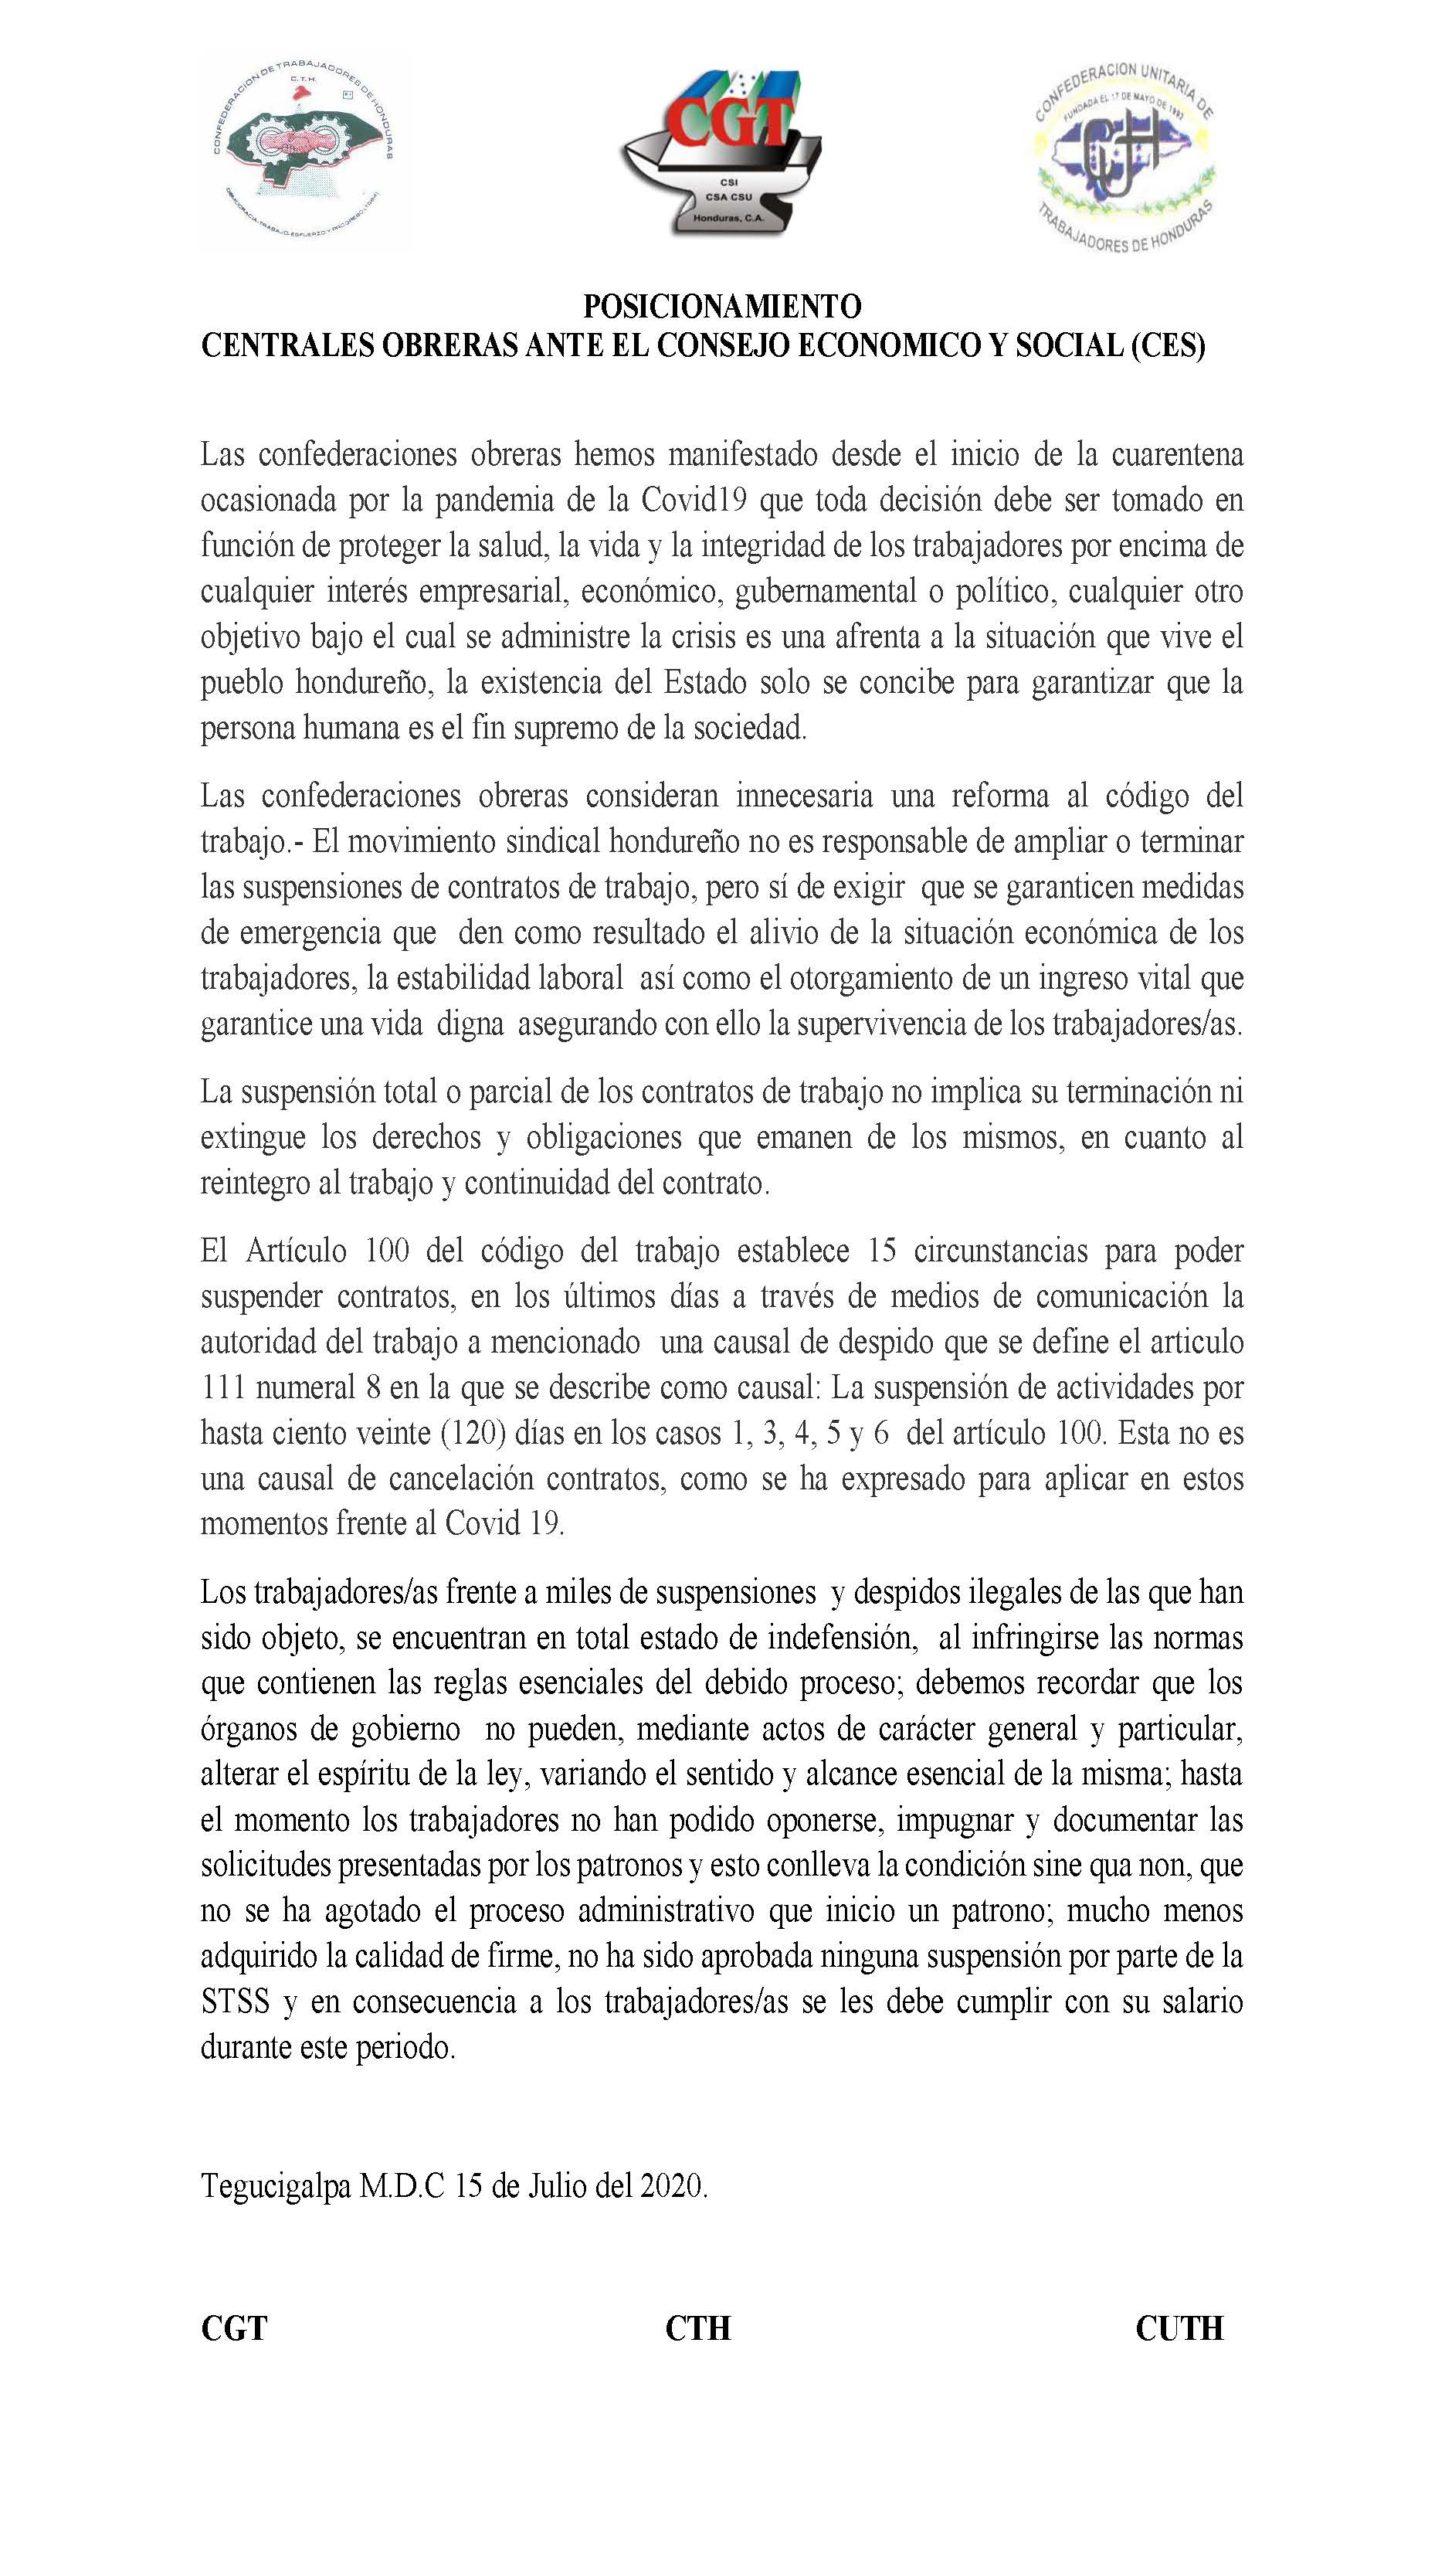 Posicion de las 3 centrales obreras frente al CES por extensión de suspensiones de labores